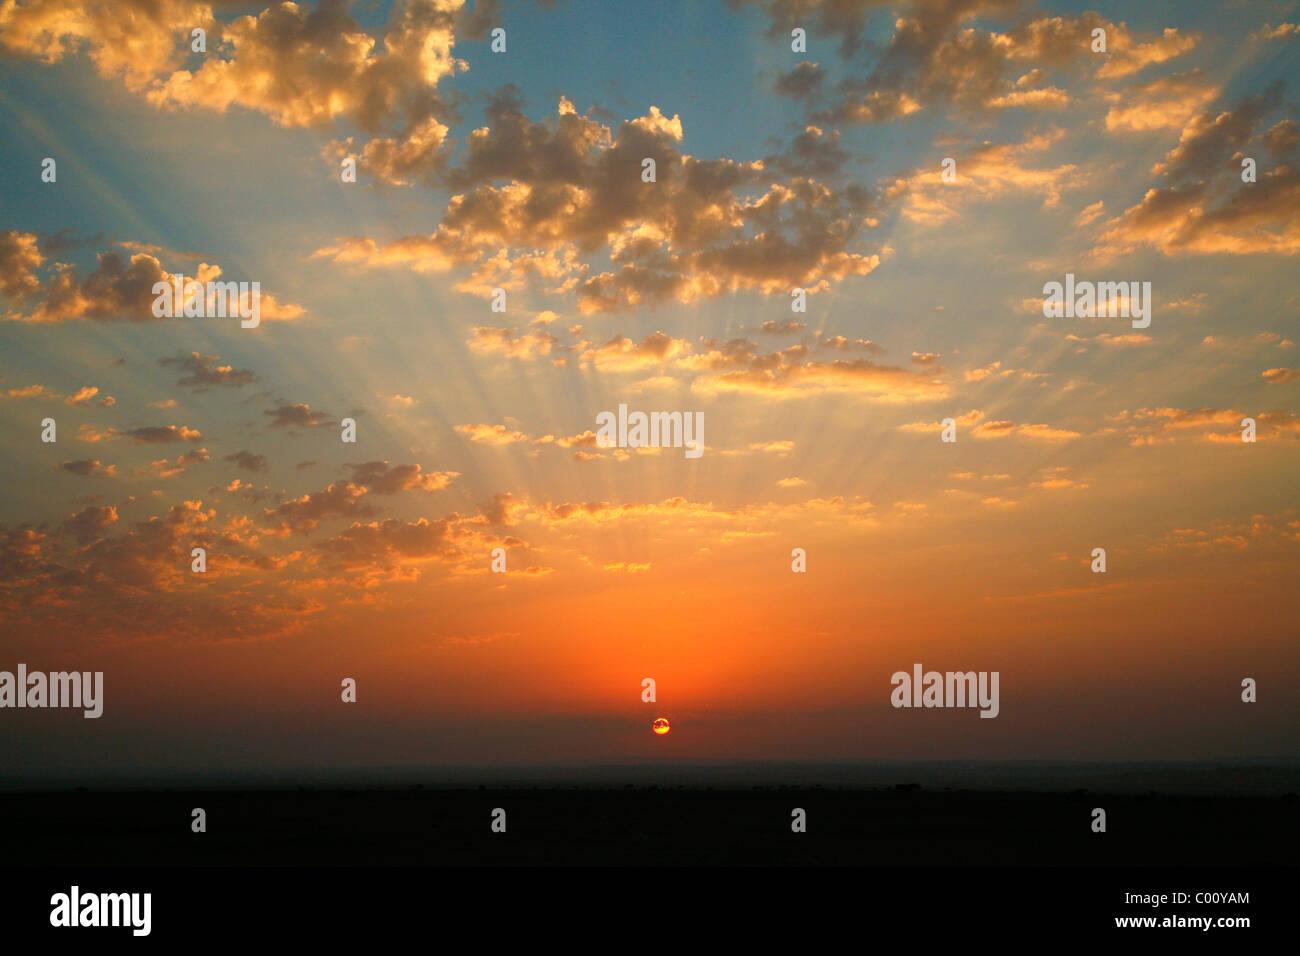 Sonnenuntergang in Wadi Araba, Jordanien. Stockbild